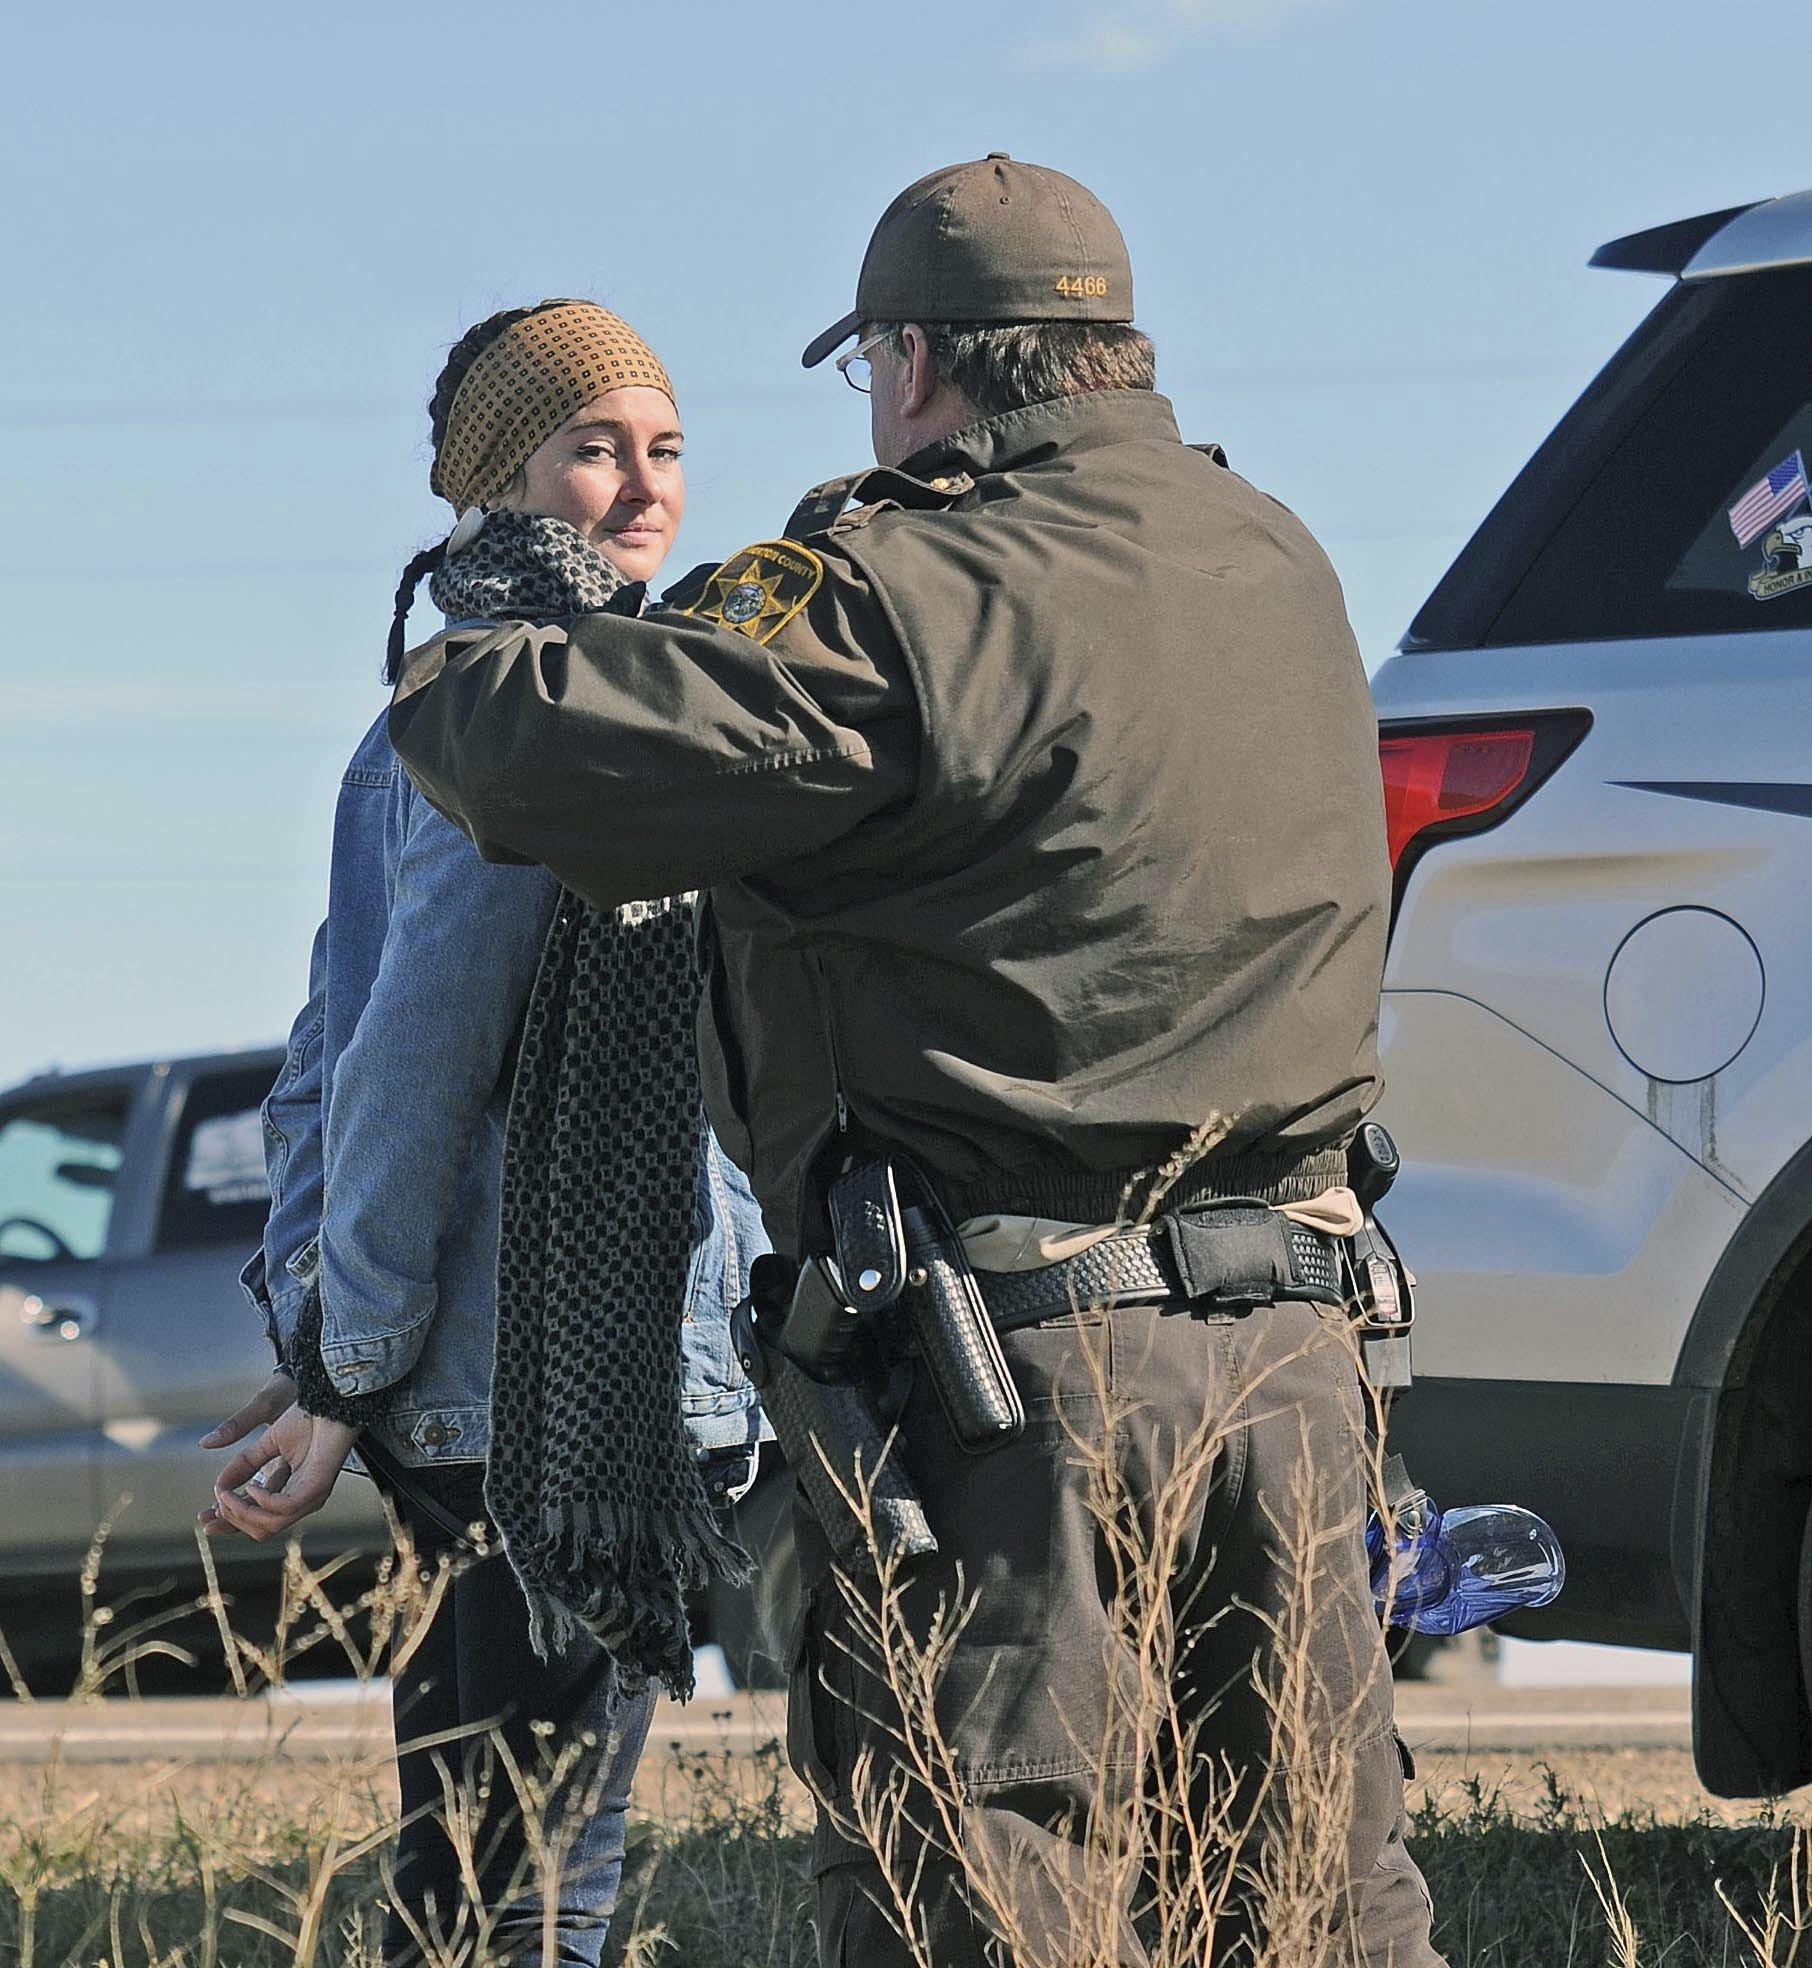 Shailene Woodley protests pipeline, livestreams arrest